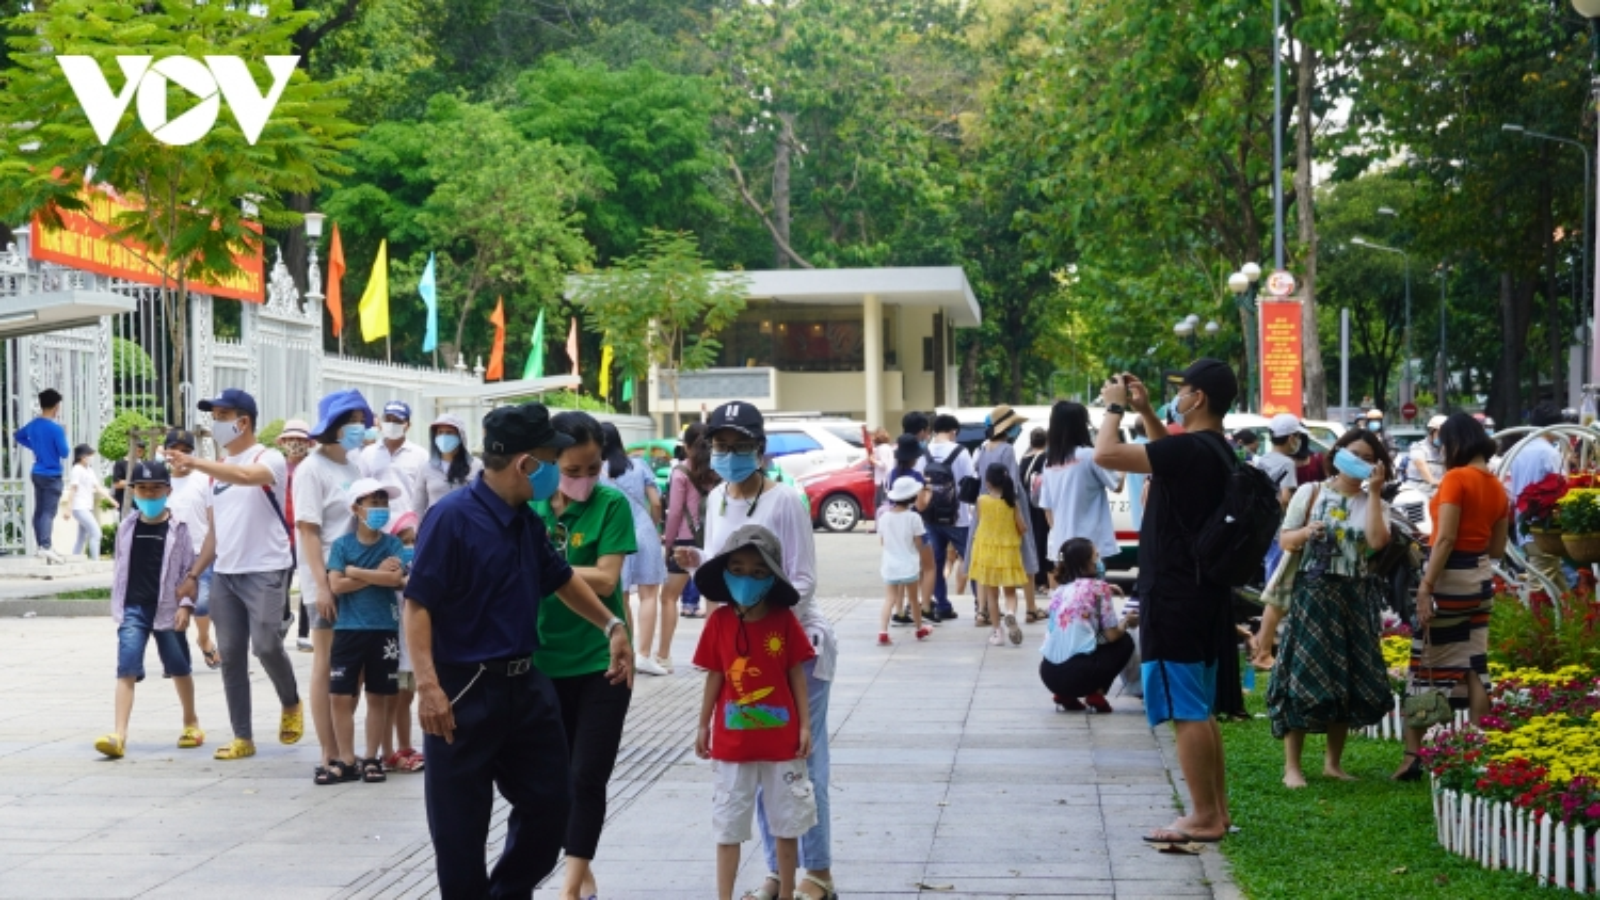 Lượng người đến các khu vui chơi ở TPHCM giảm mạnh